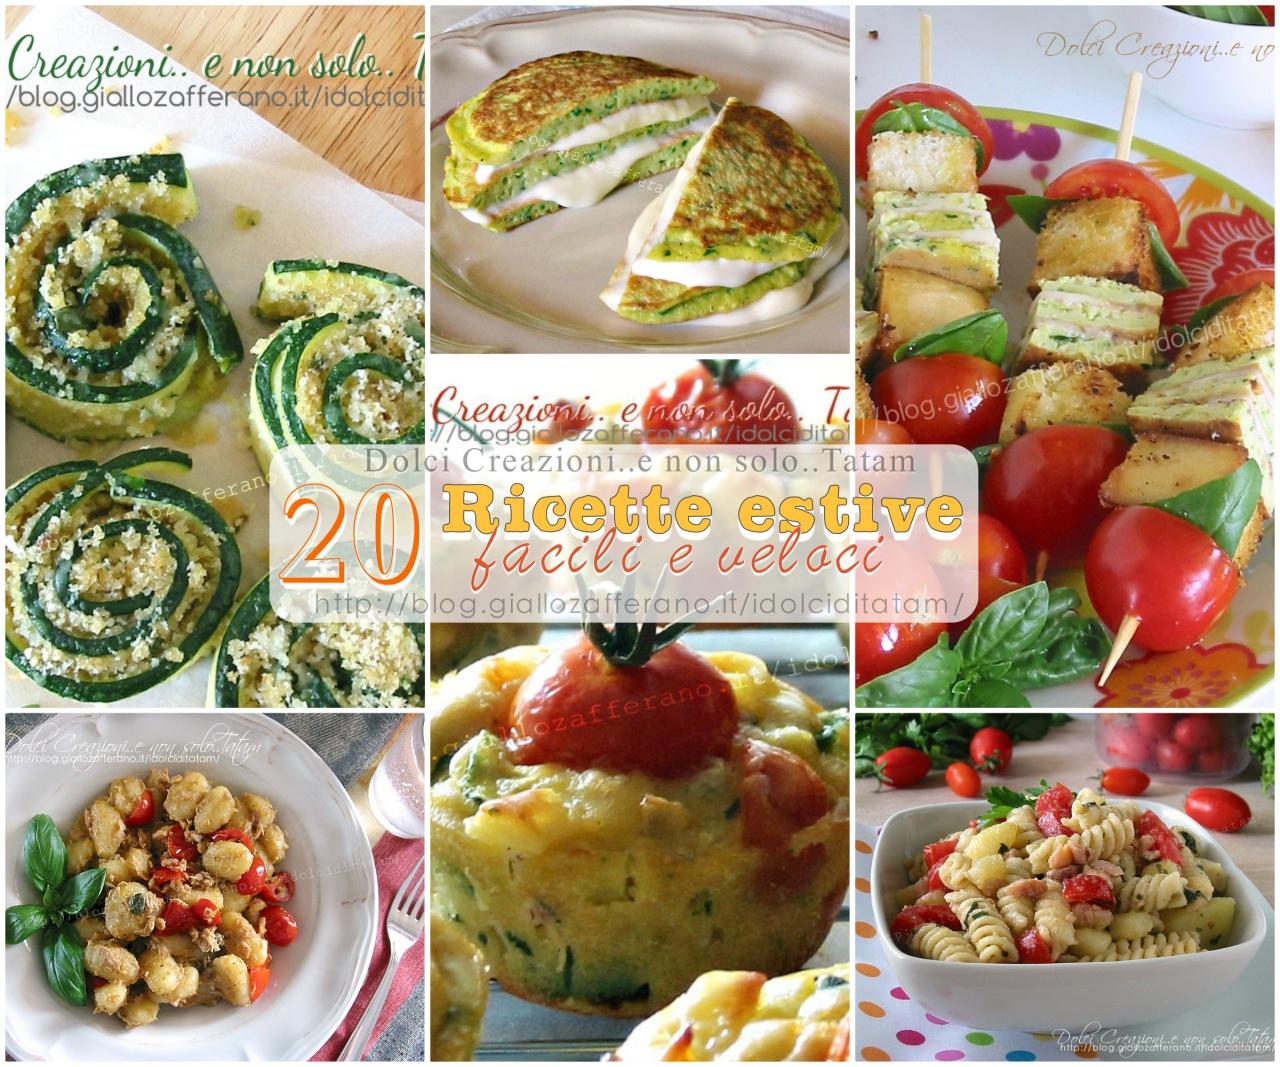 20 ricette estive salate facili e veloci 3 ricette dolci for Ricette facili dolci